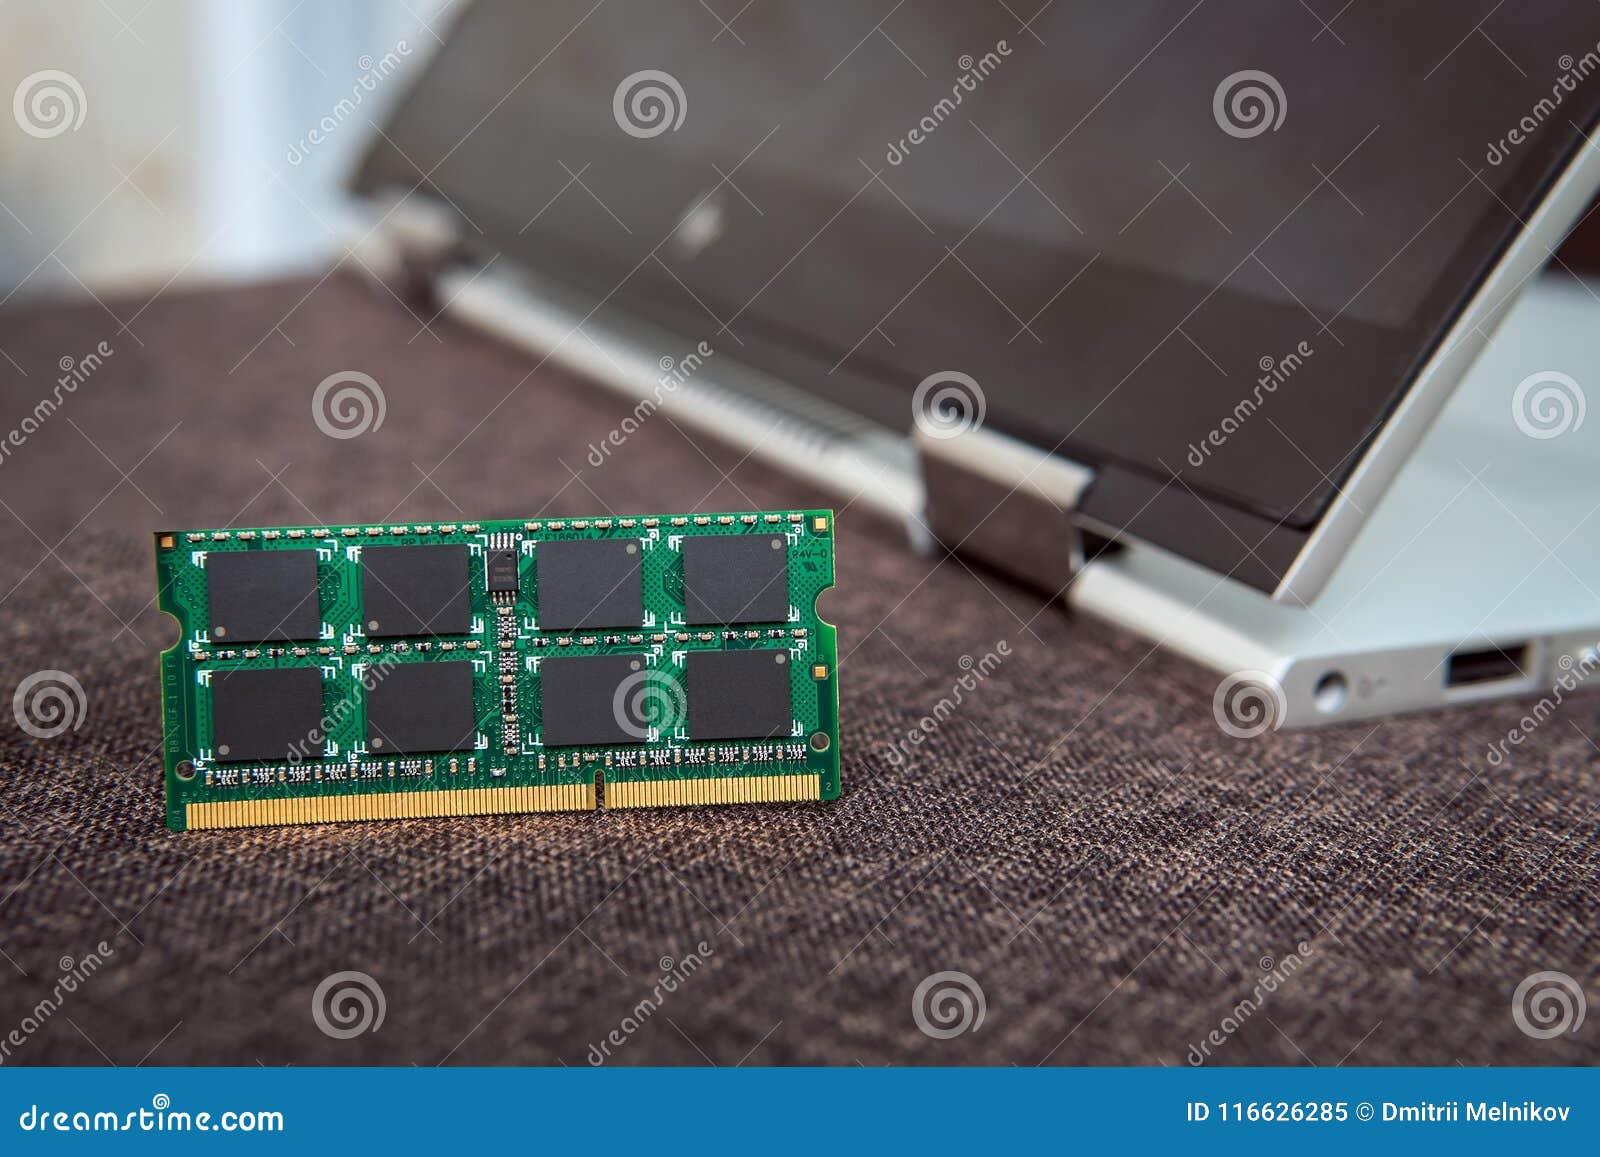 Ddr voor moderne gadgets De reparatie van de computer Verhoog de hoeveelheid geheugen voor de computer